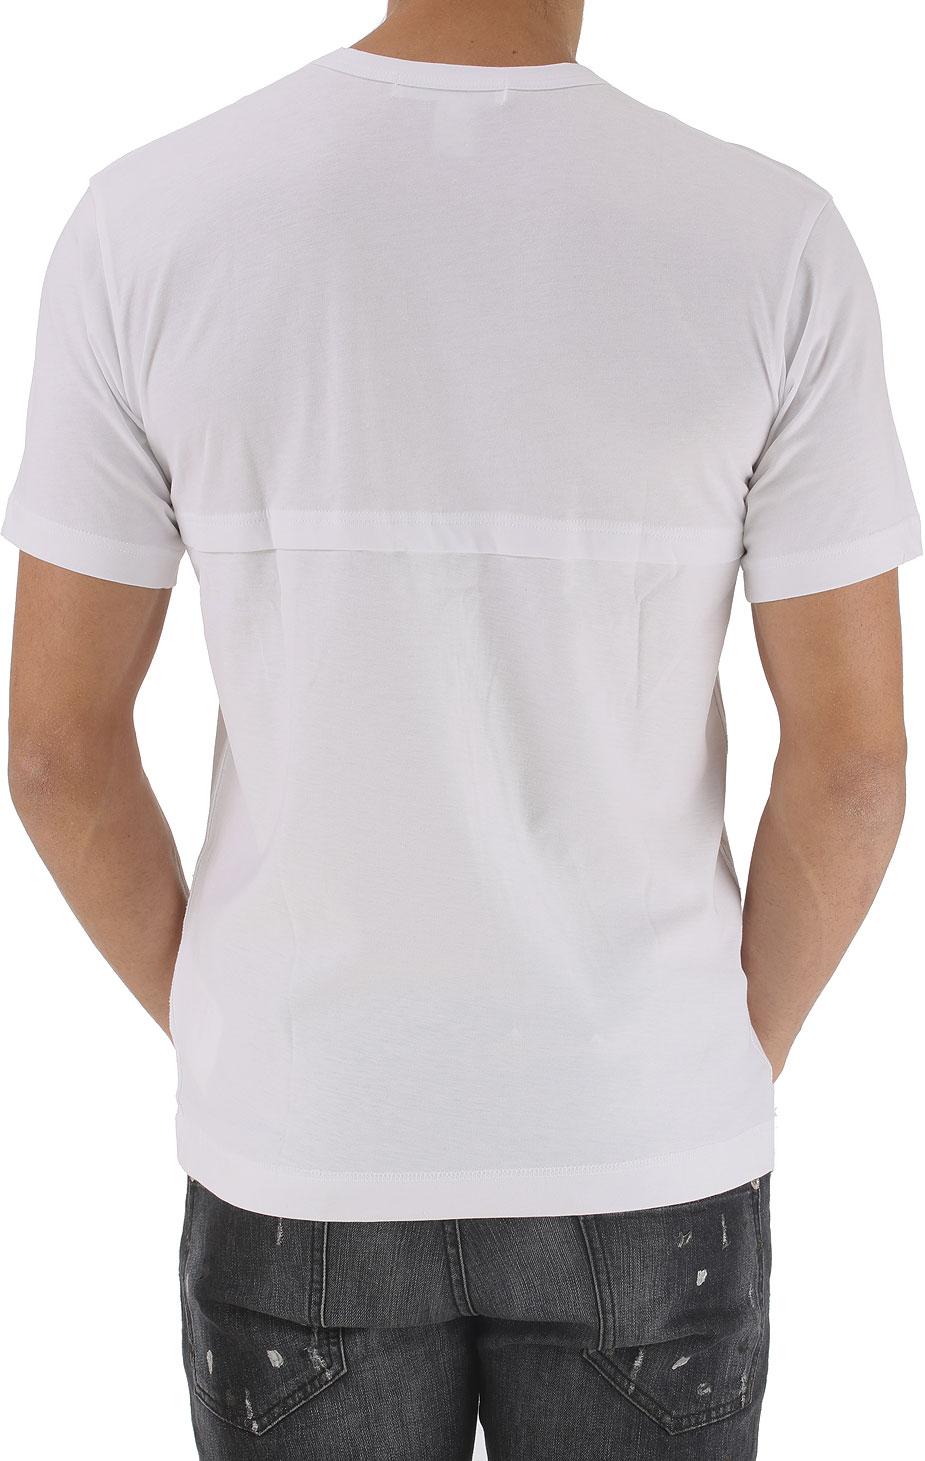 Abbigliamento Uomo Comme des Gar�ons, Codice Articolo: w24107-bia-